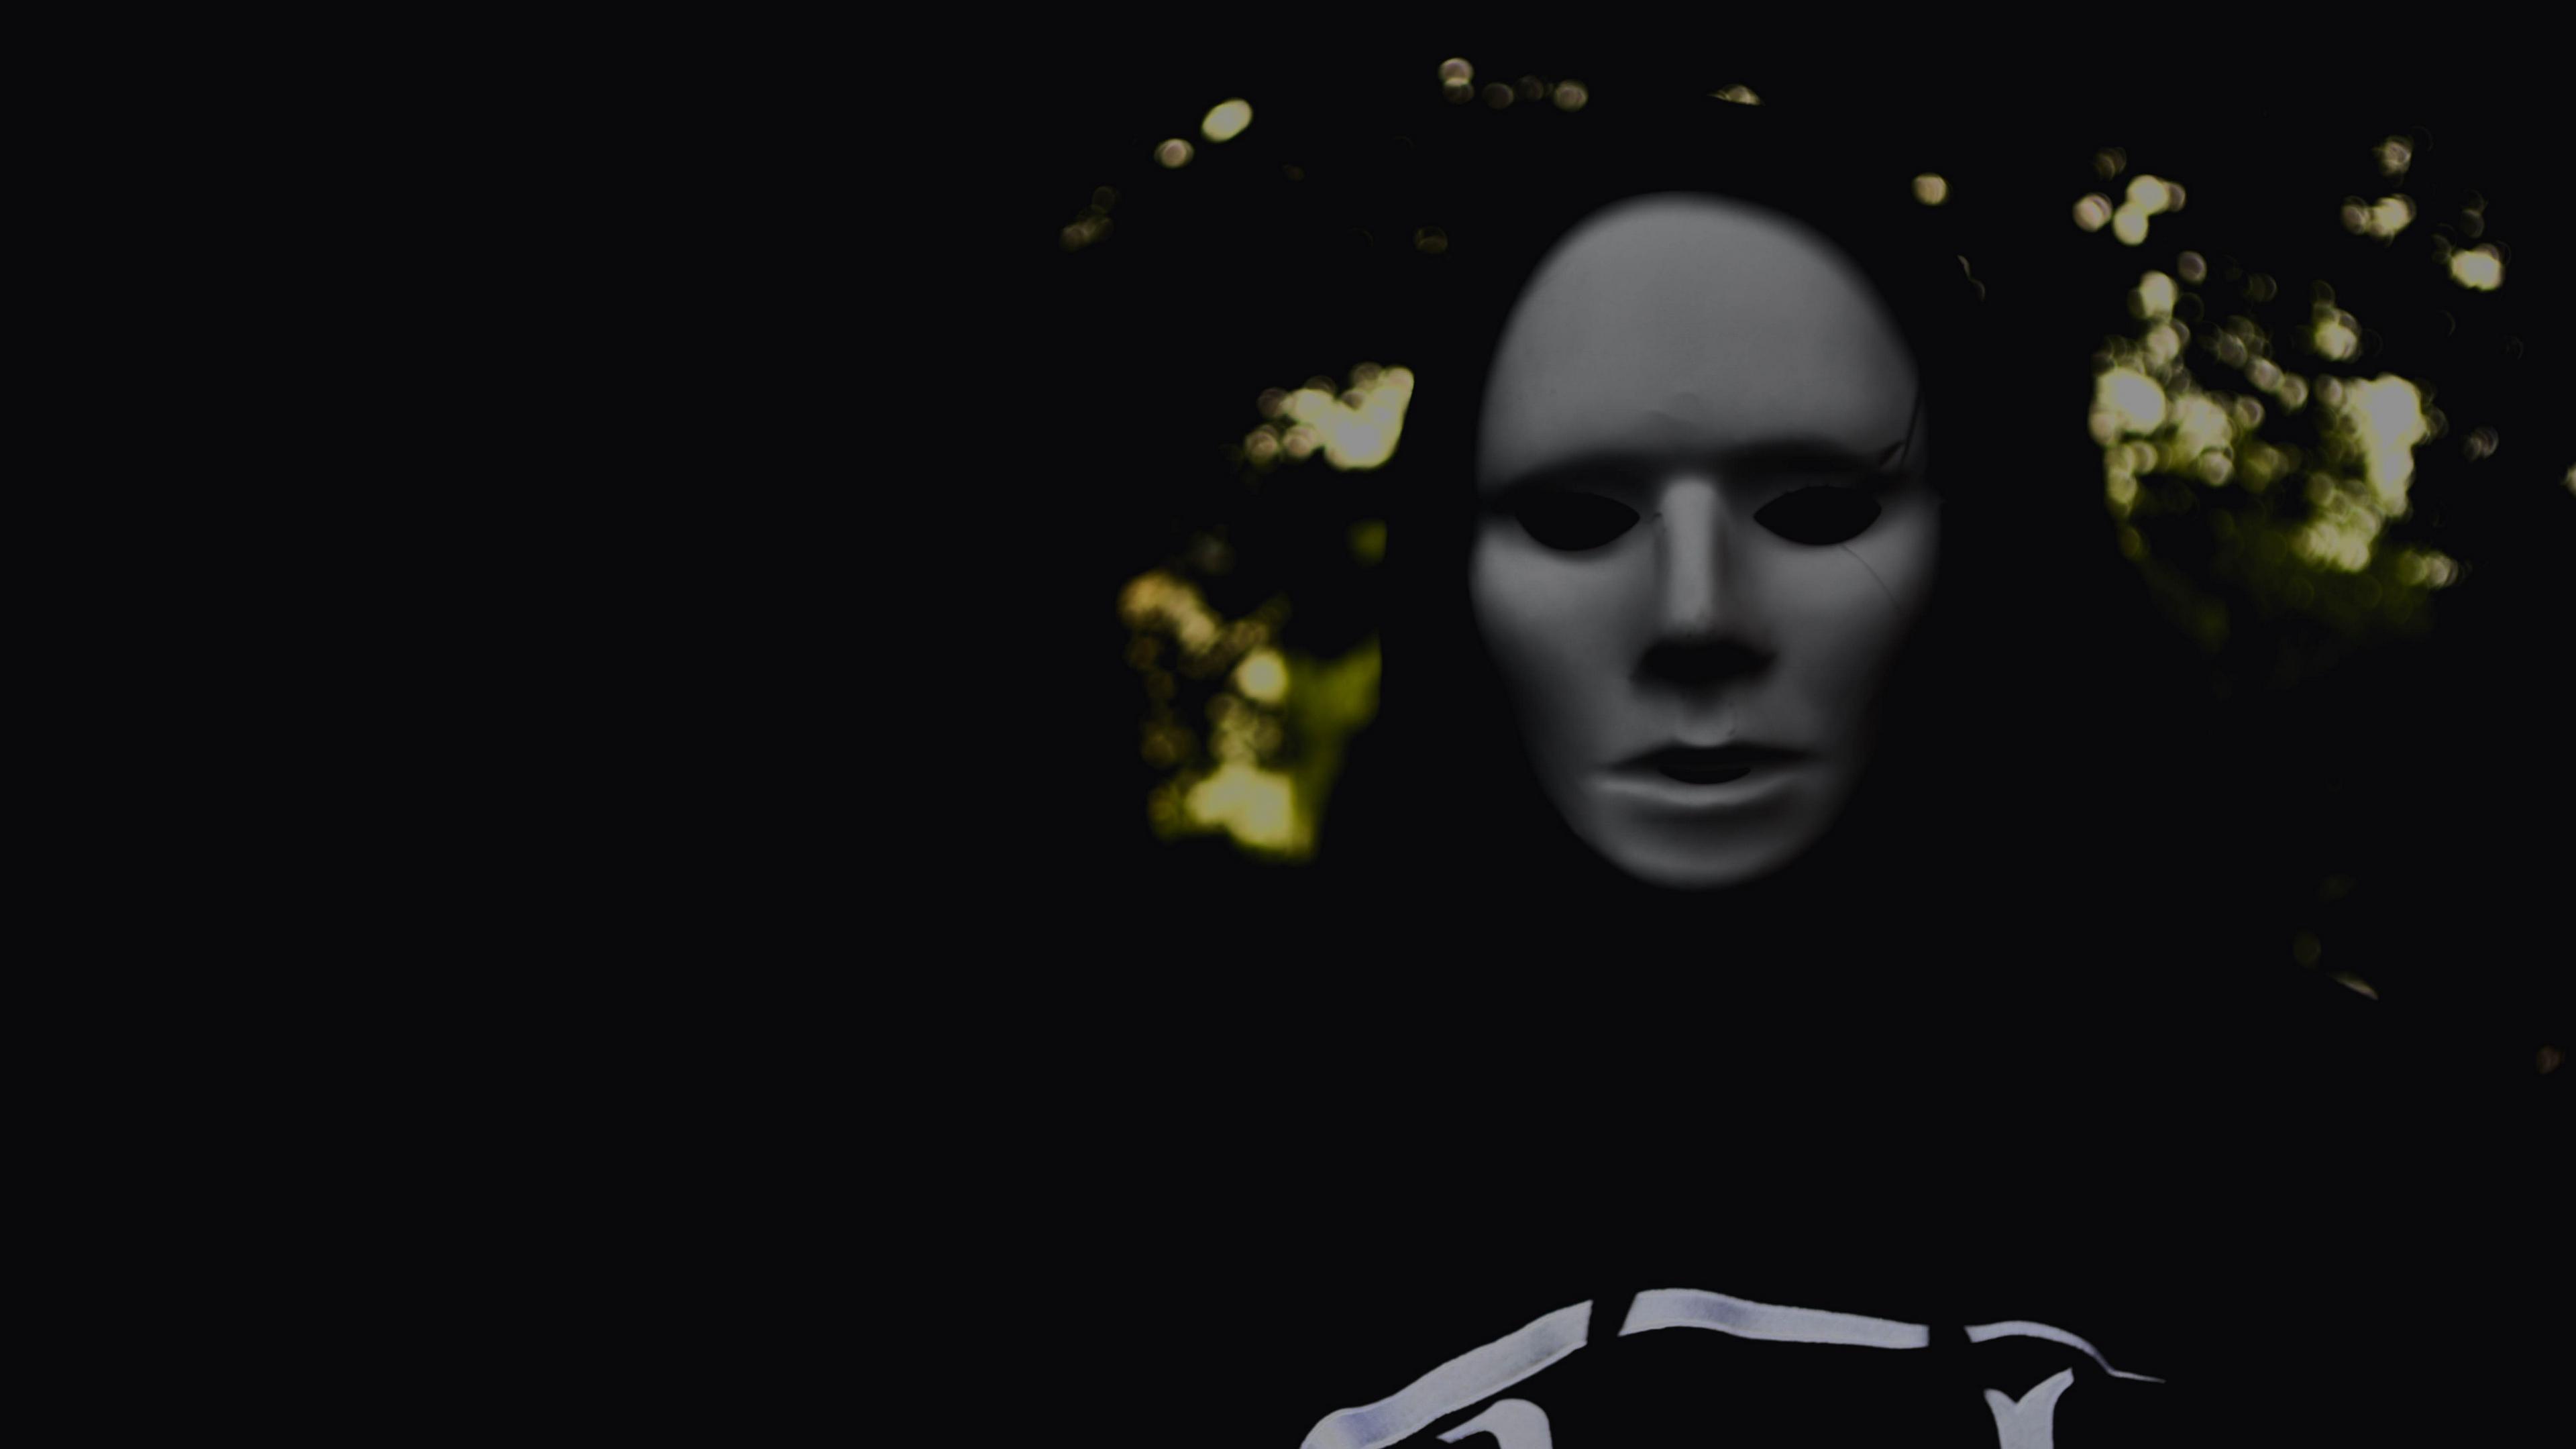 mask man creepy dark 4k 1540575101 - mask, man, creepy, dark 4k - Mask, Man, creepy